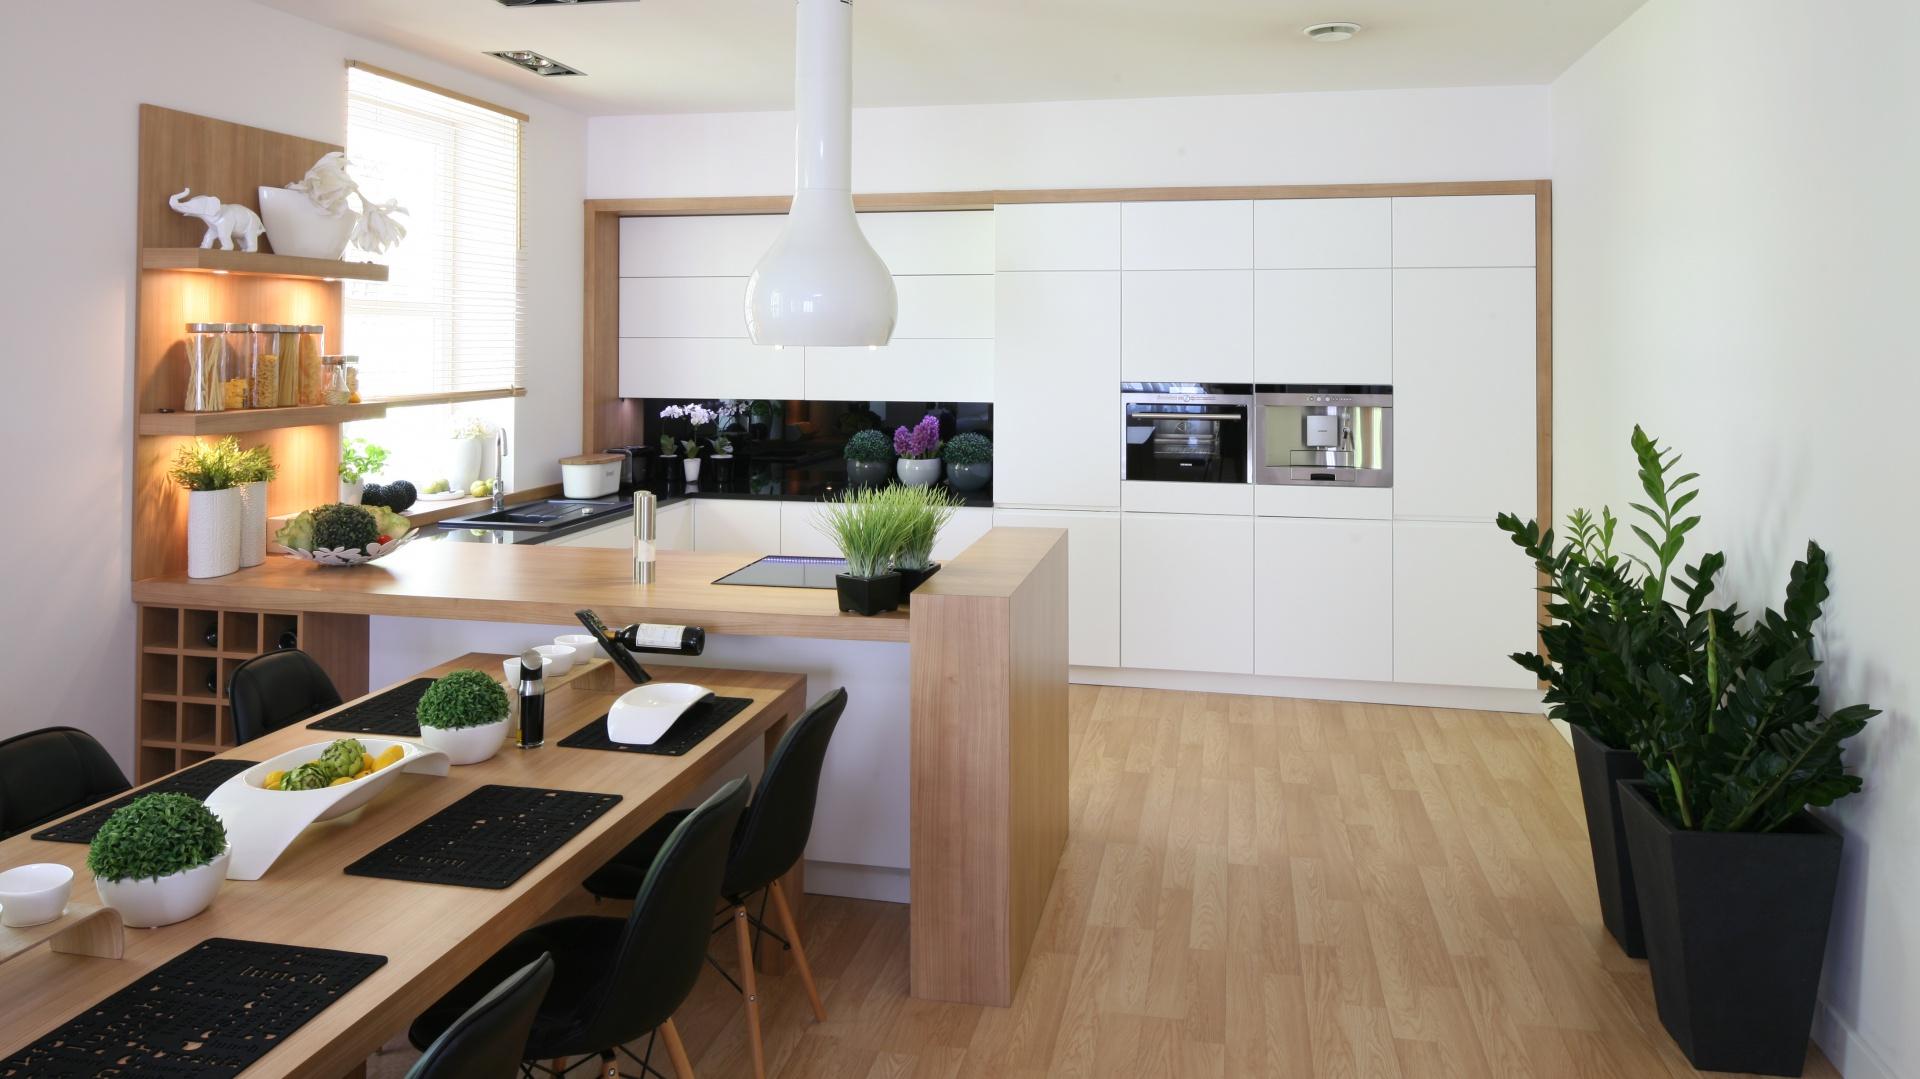 Biała Kuchnia Ocieplona Drewnem Zobaczcie Projekty Z Polskich Domów